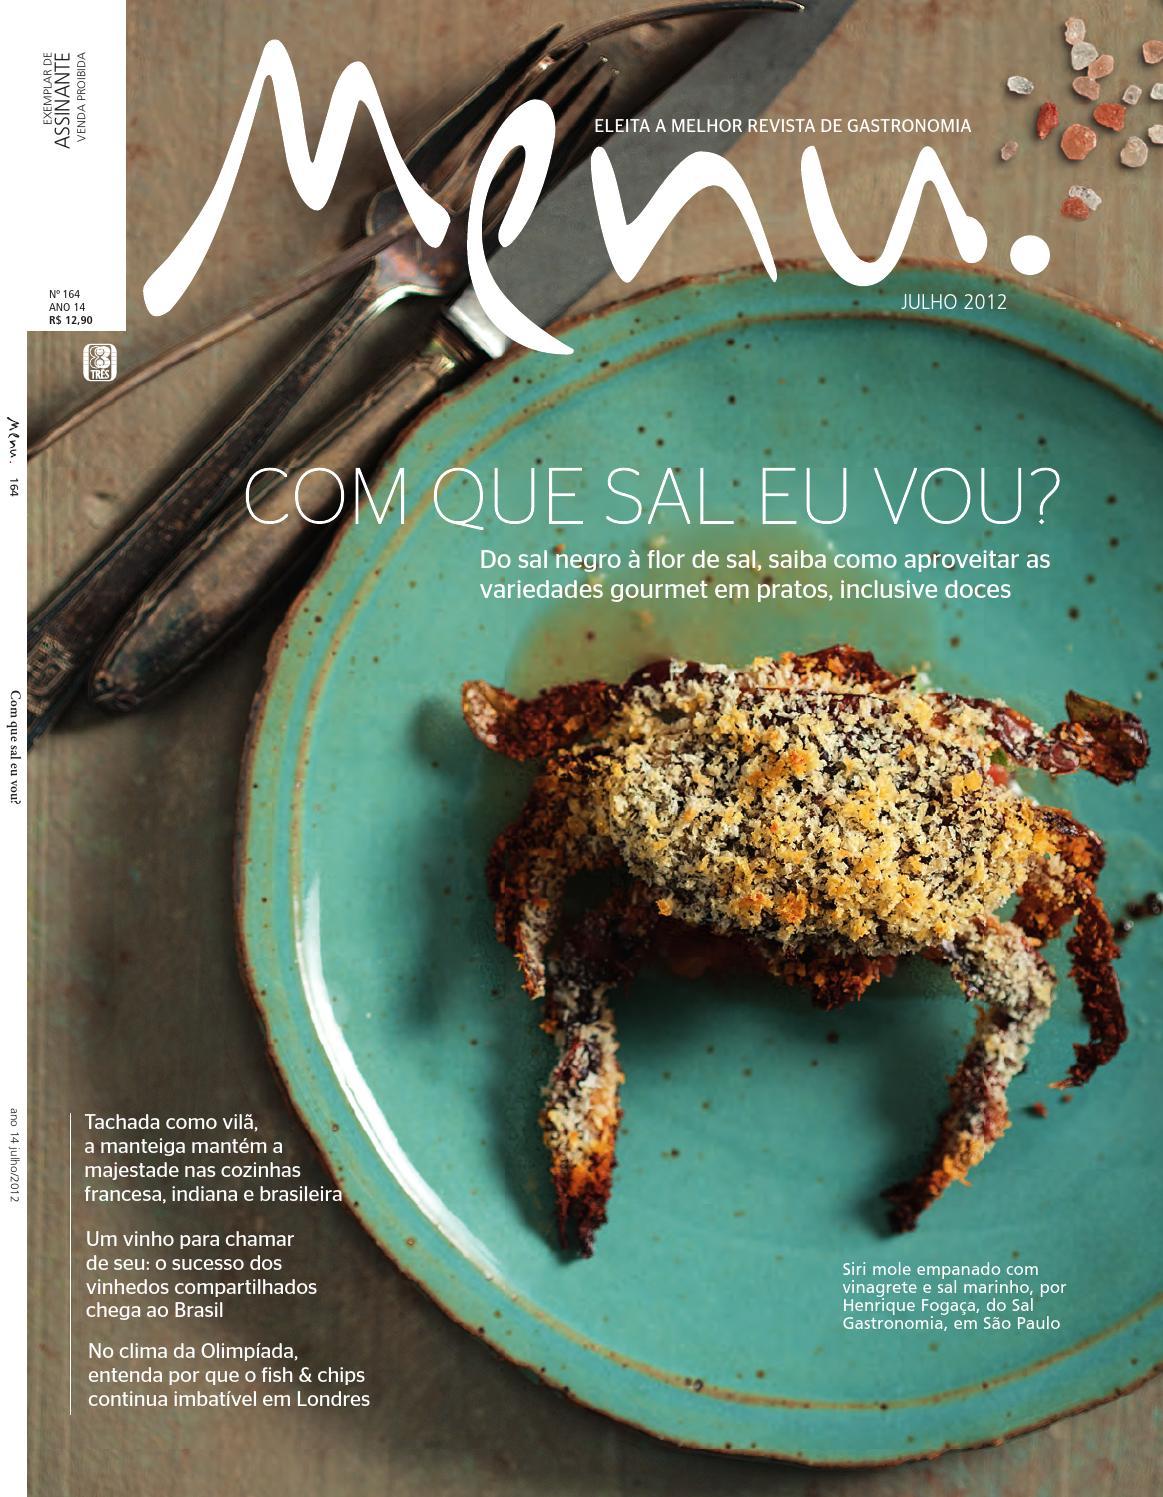 ad7dbcaef Revista Menu 164 by Editora 3 - issuu